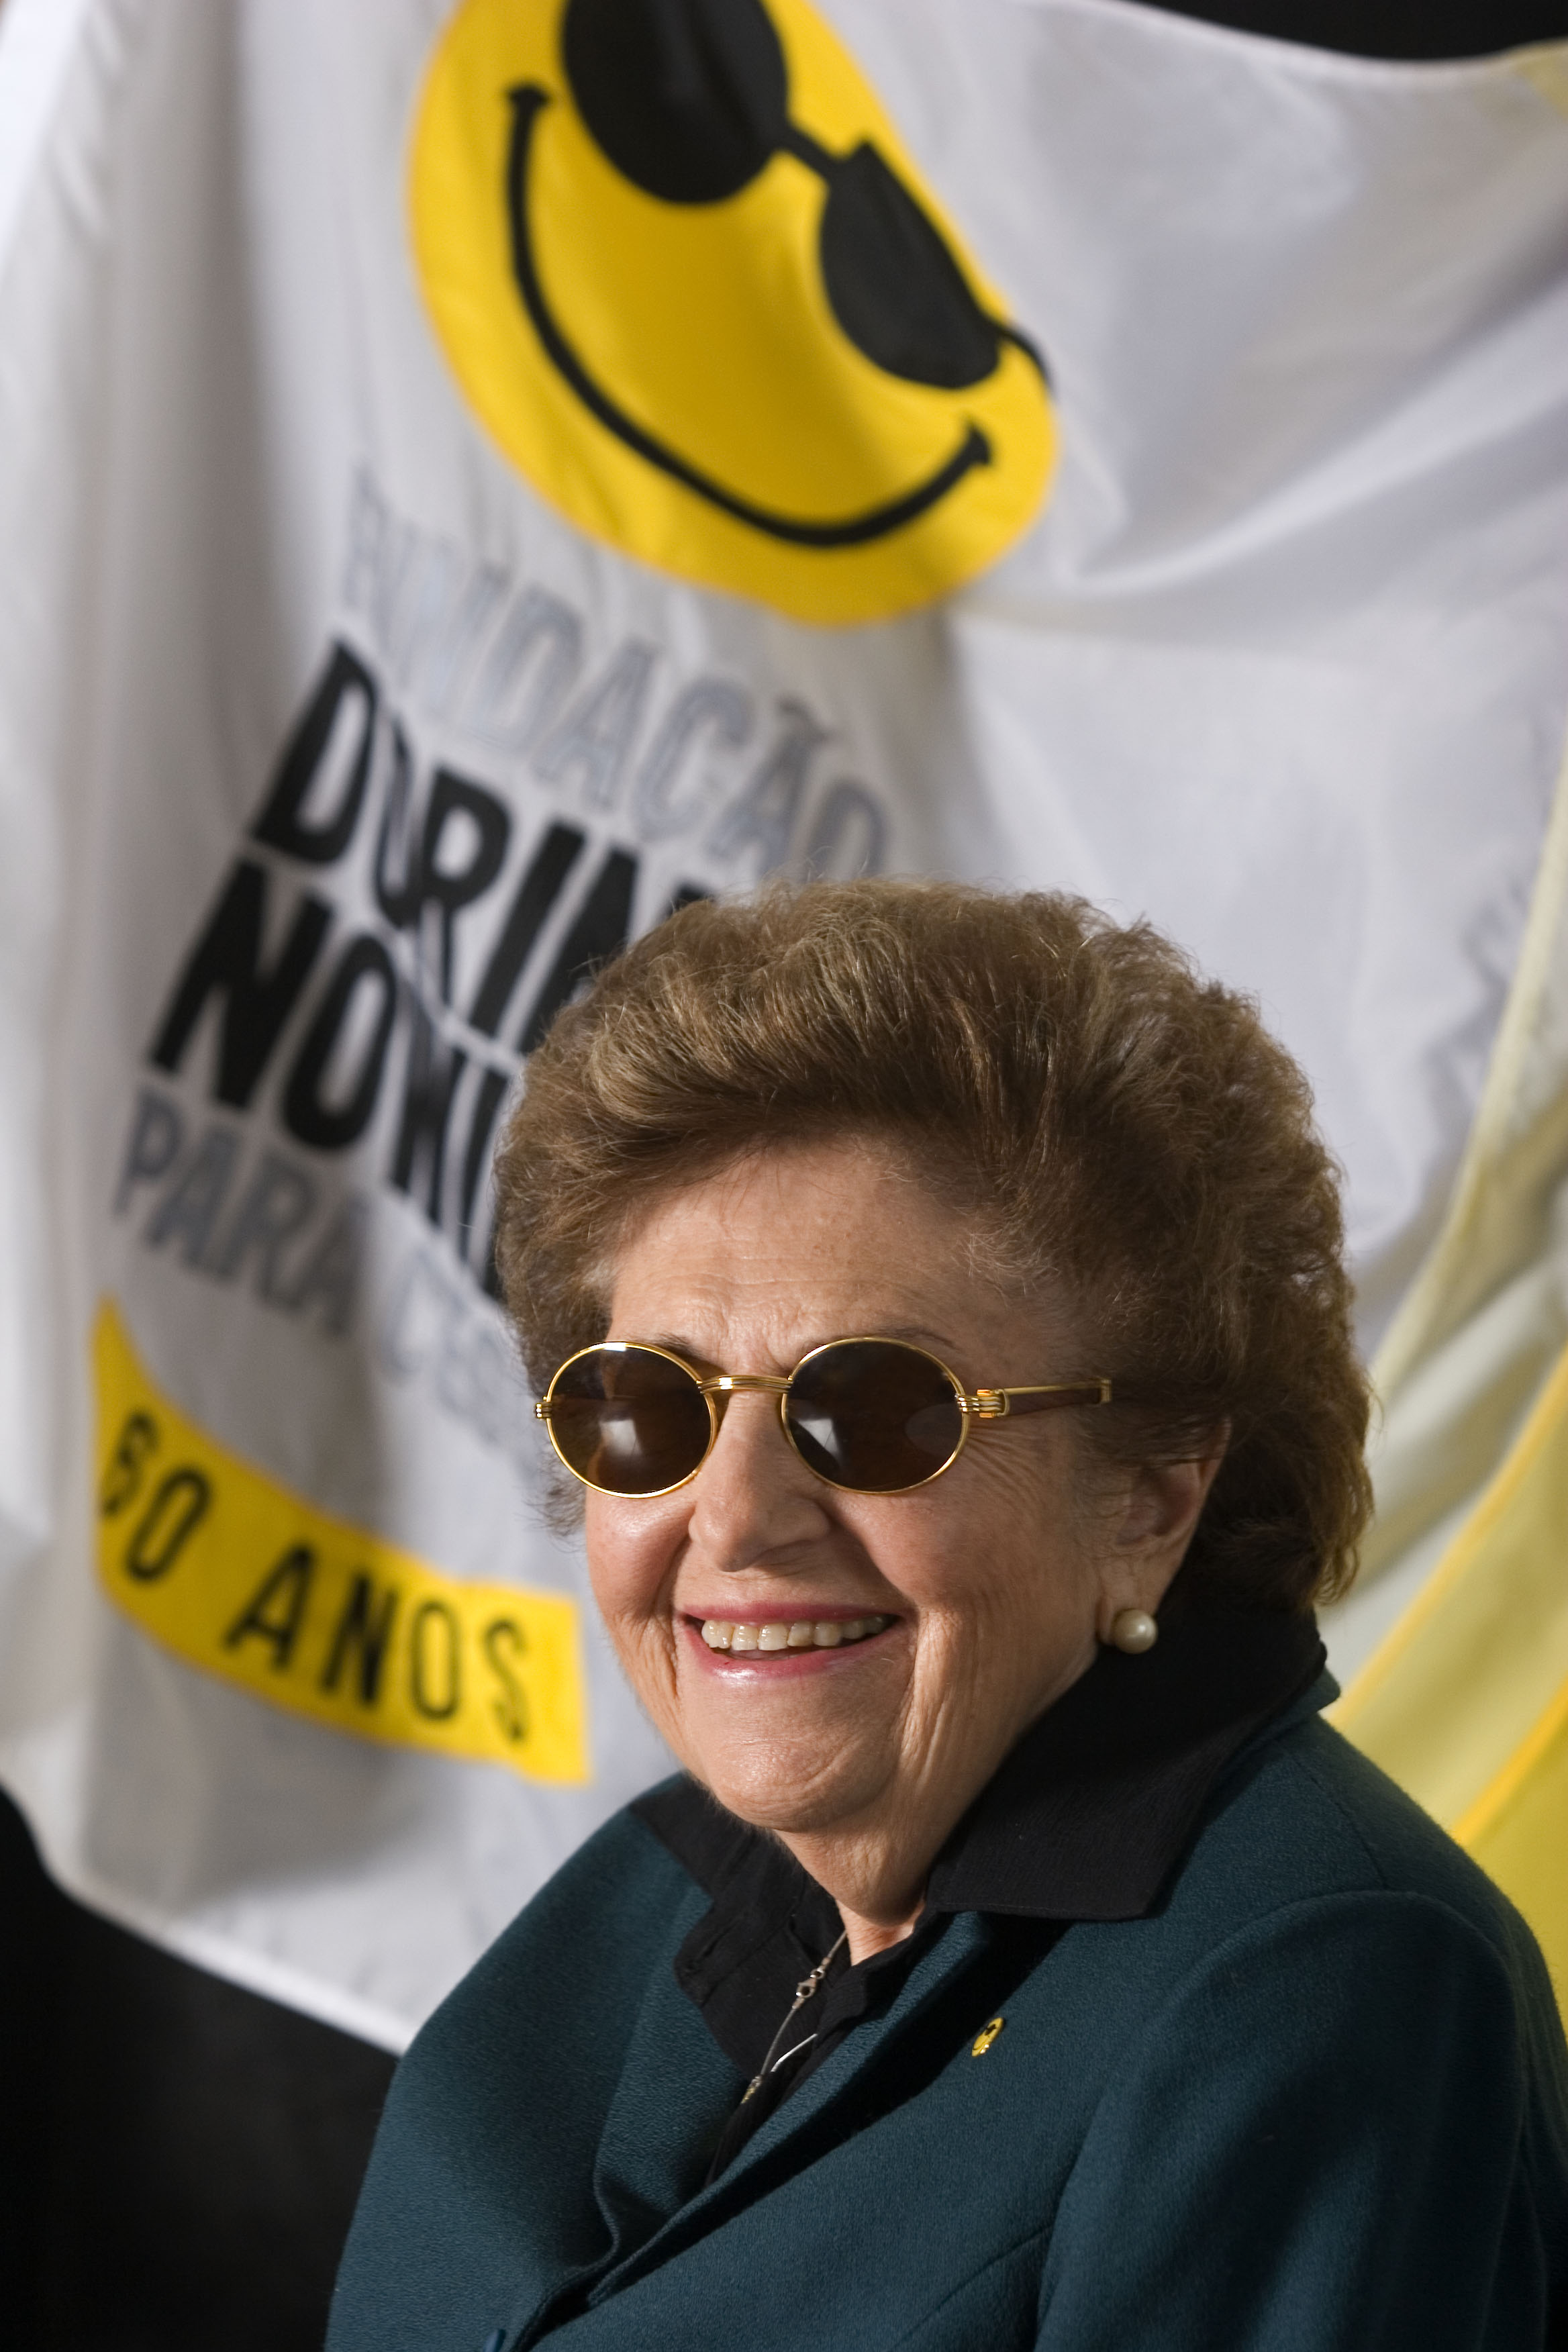 Foto de Dorina com óculos escuros sorrindo. Ao fundo, a bandeira da Fundação.